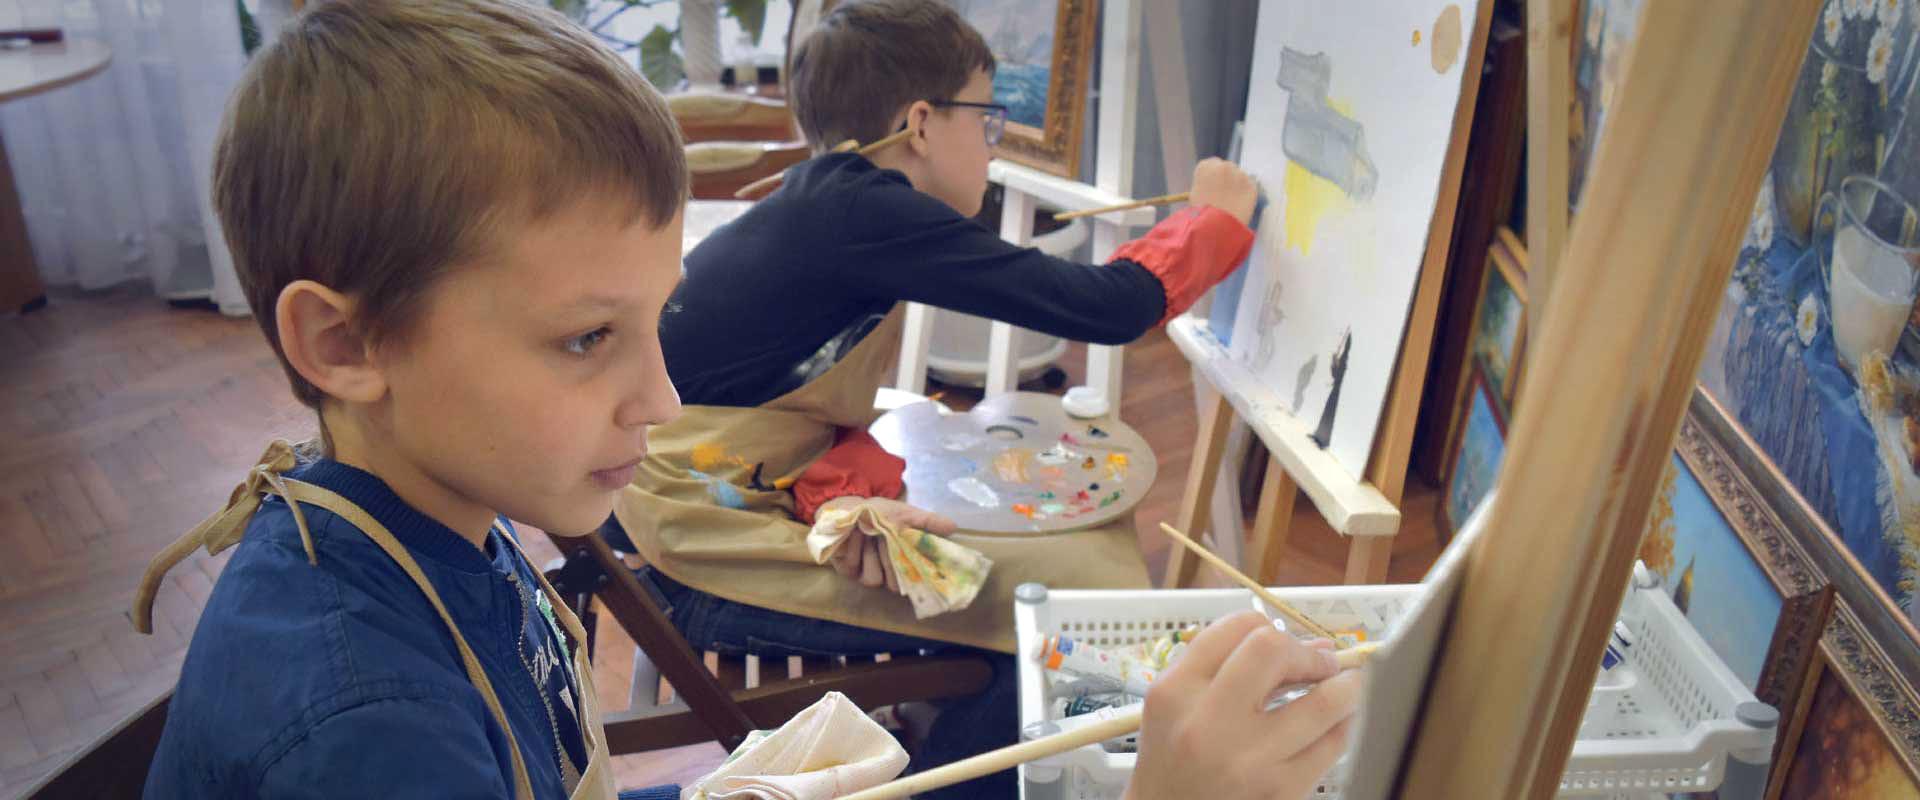 Обучение живописи детей и взрослых